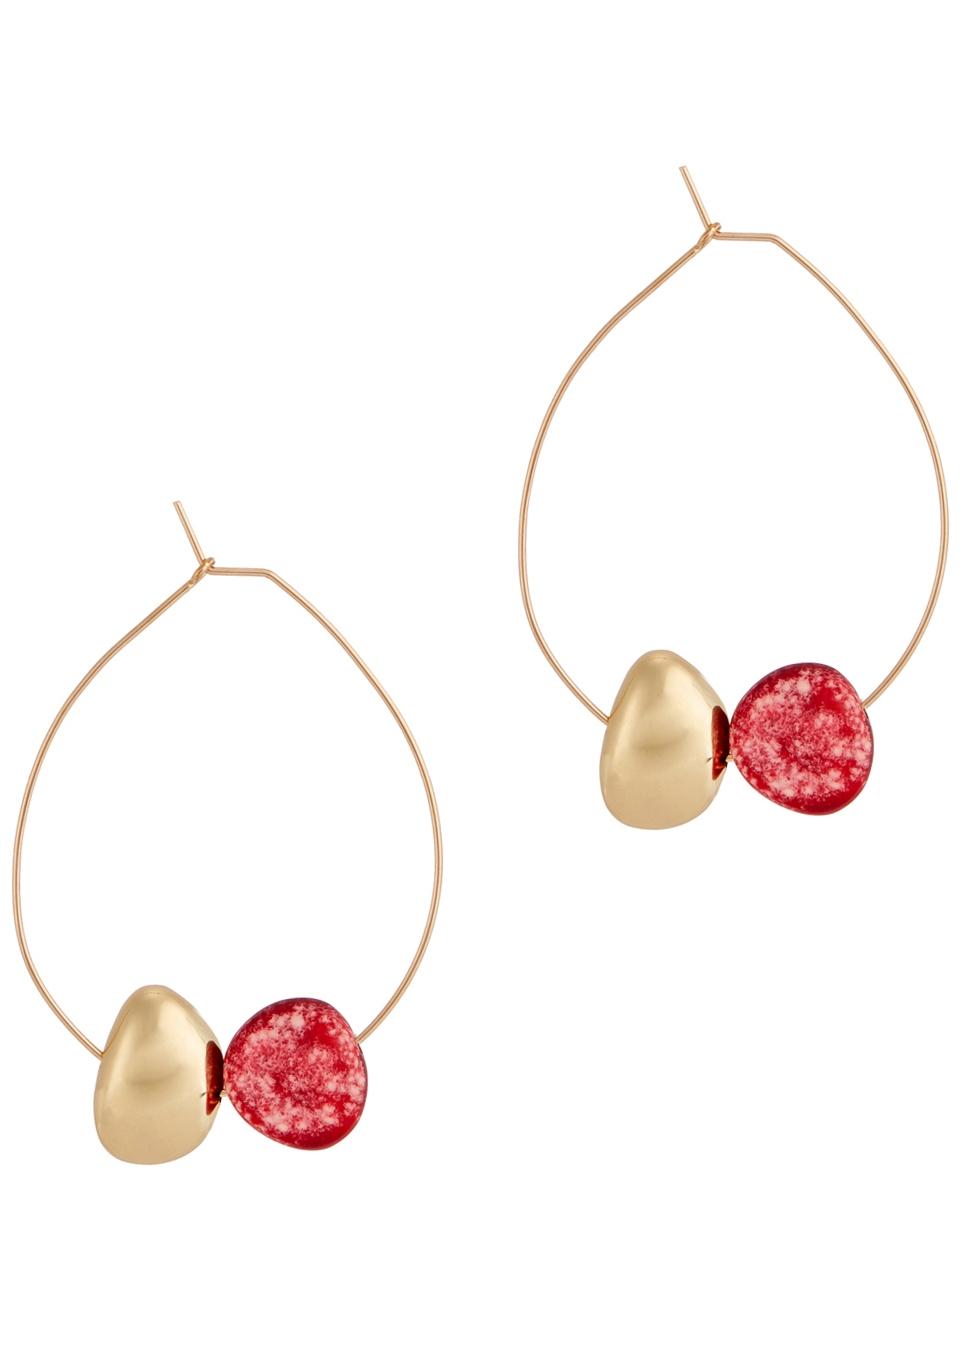 DINOSAUR DESIGNS GOLD TONE HOOP EARRINGS